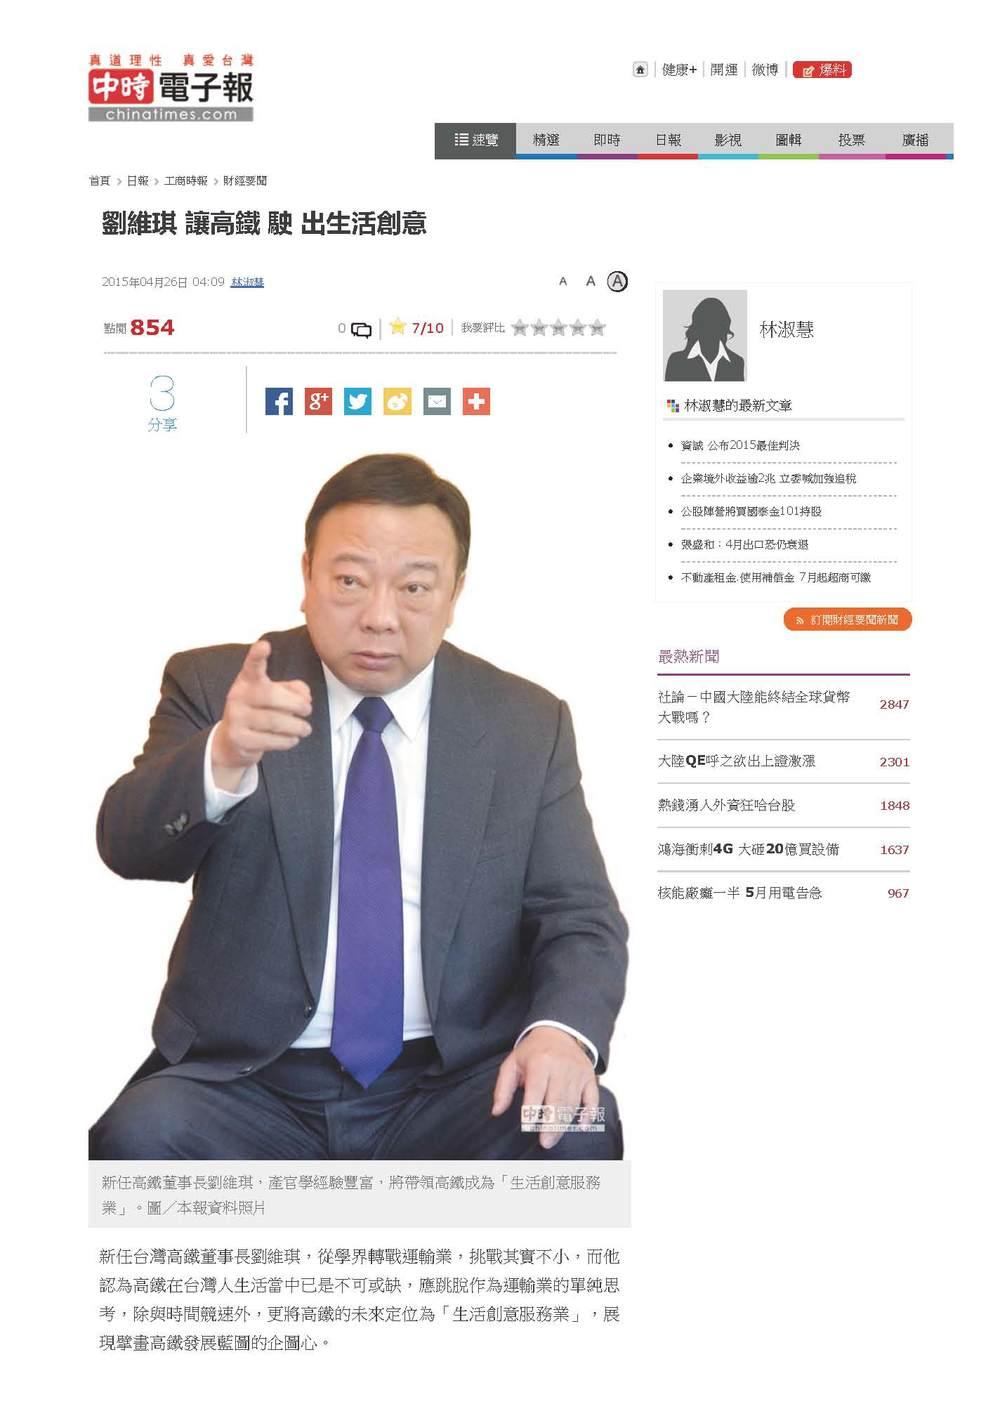 劉維琪讓高鐵駛出生活創意_中時電子報_2015.04.26_頁面_1.jpg